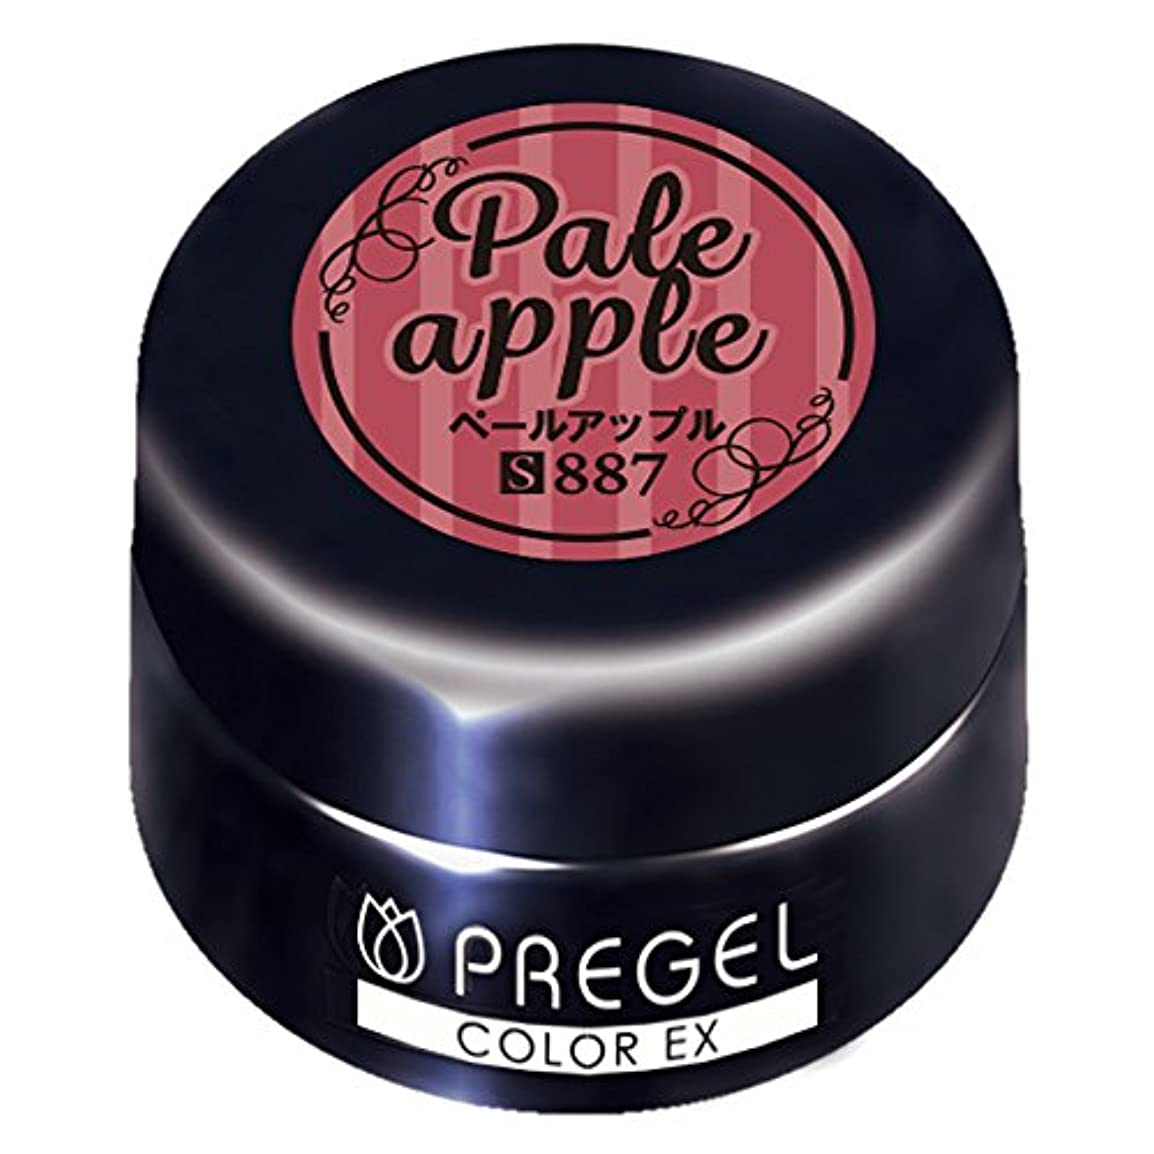 ベアリングサークル植物学者概念PRE GEL カラージェル カラーEX ペールアップル 3g PG-CE887 UV/LED対応タイオウ